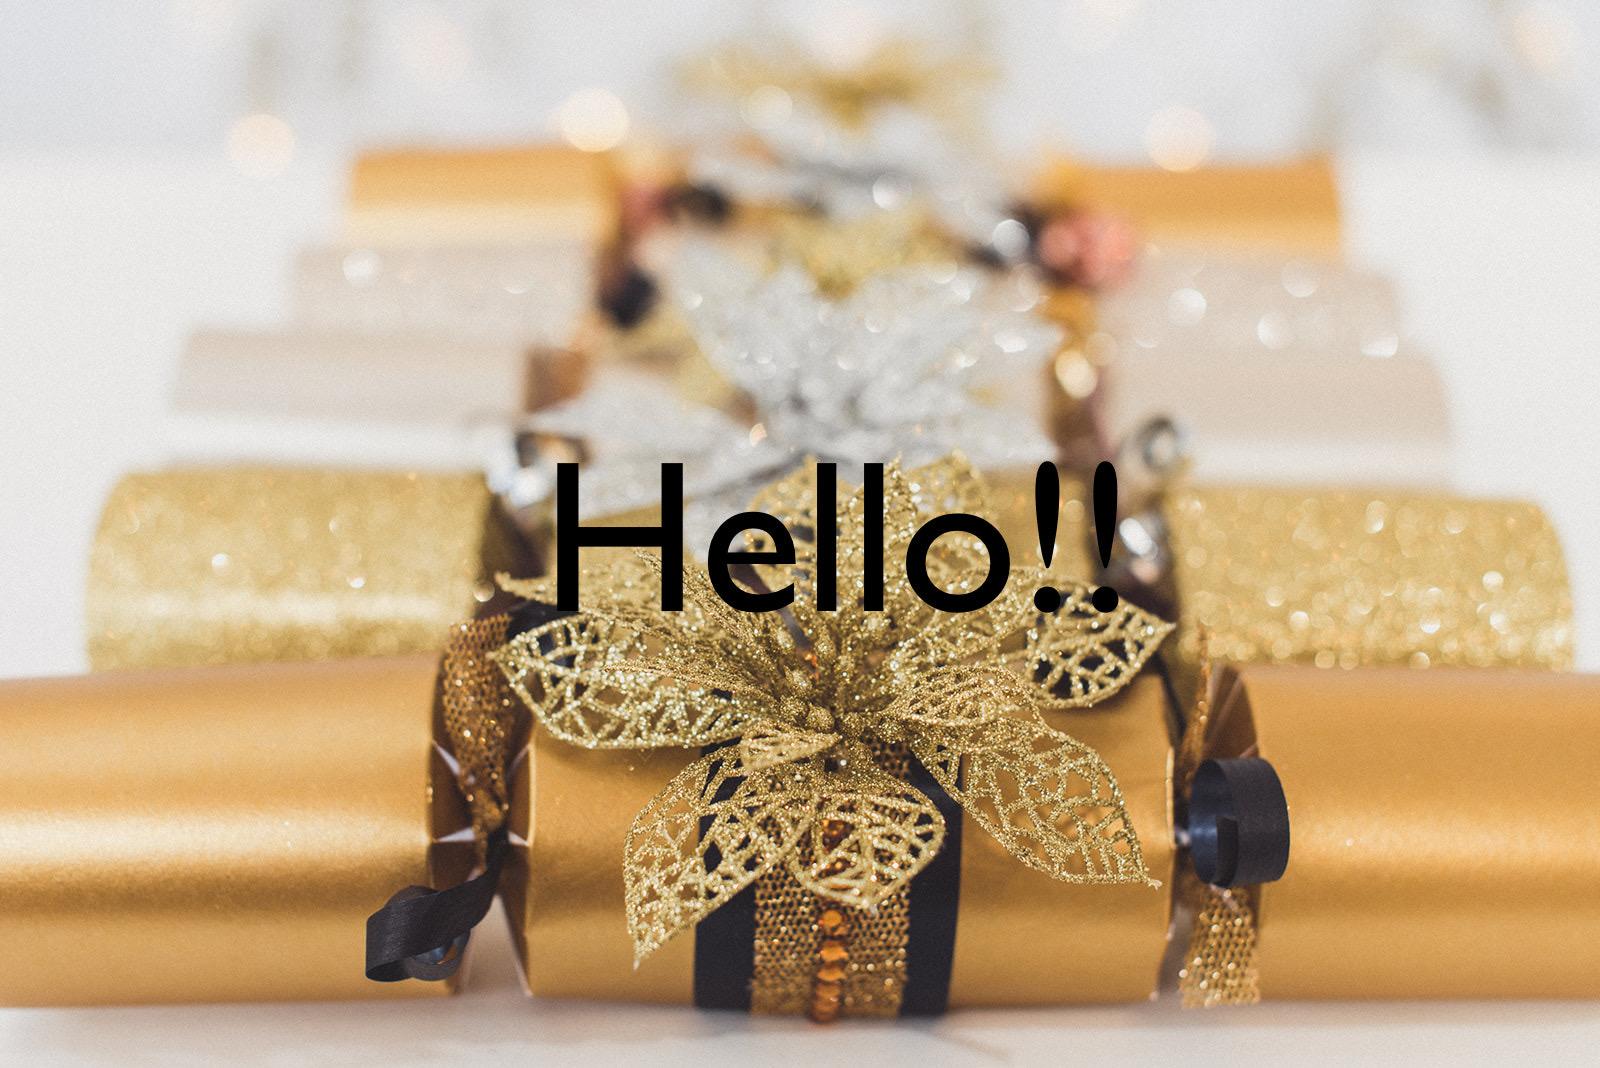 Hello - Contact